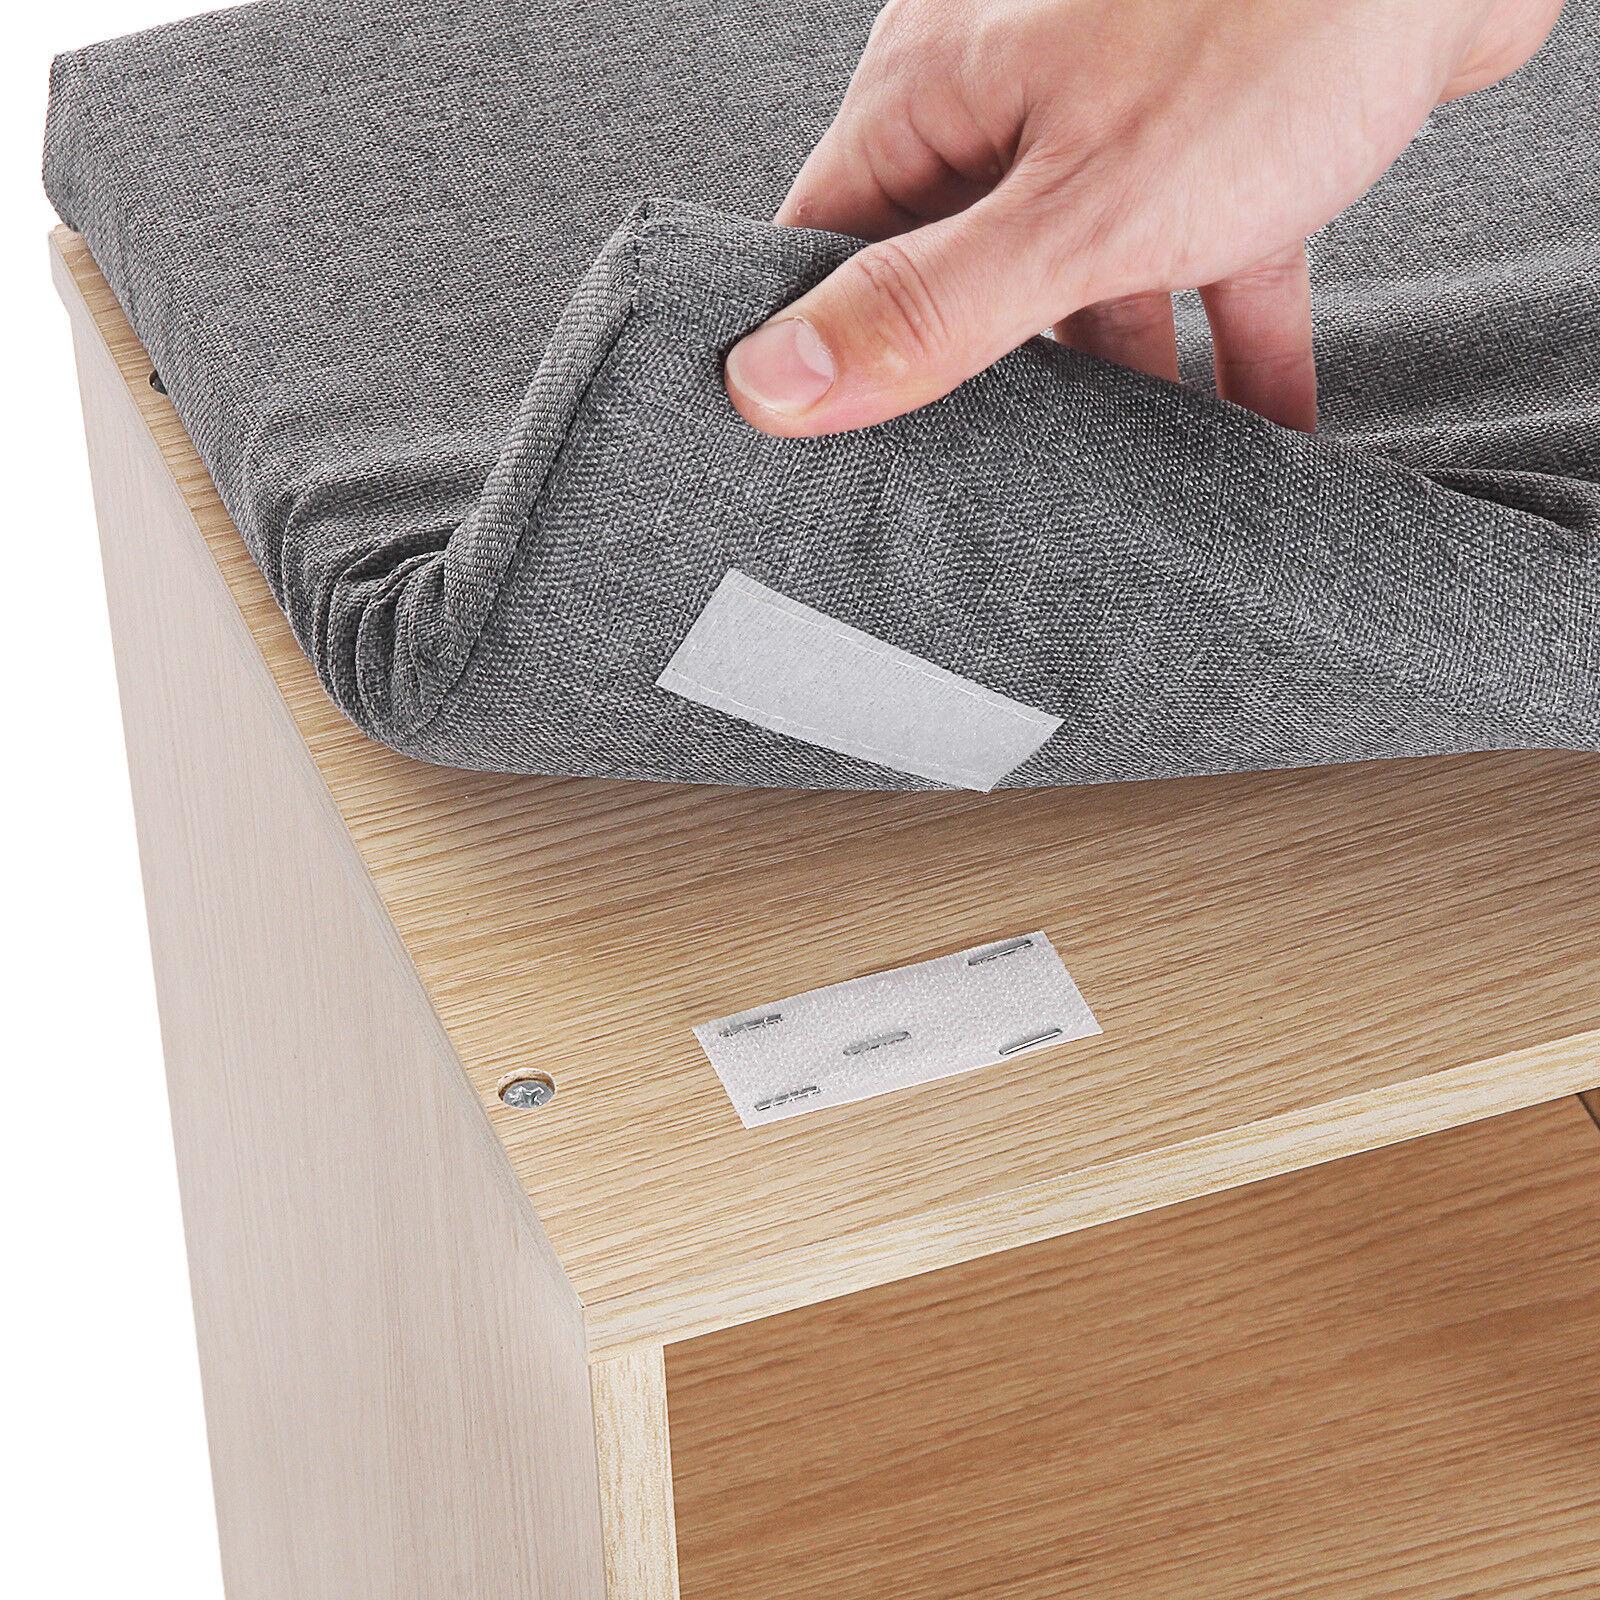 schuhbank schuhschrank schuhregal sitzb nke mit sitzkissen 104x48x30 cm lhs10n eur 51 99. Black Bedroom Furniture Sets. Home Design Ideas